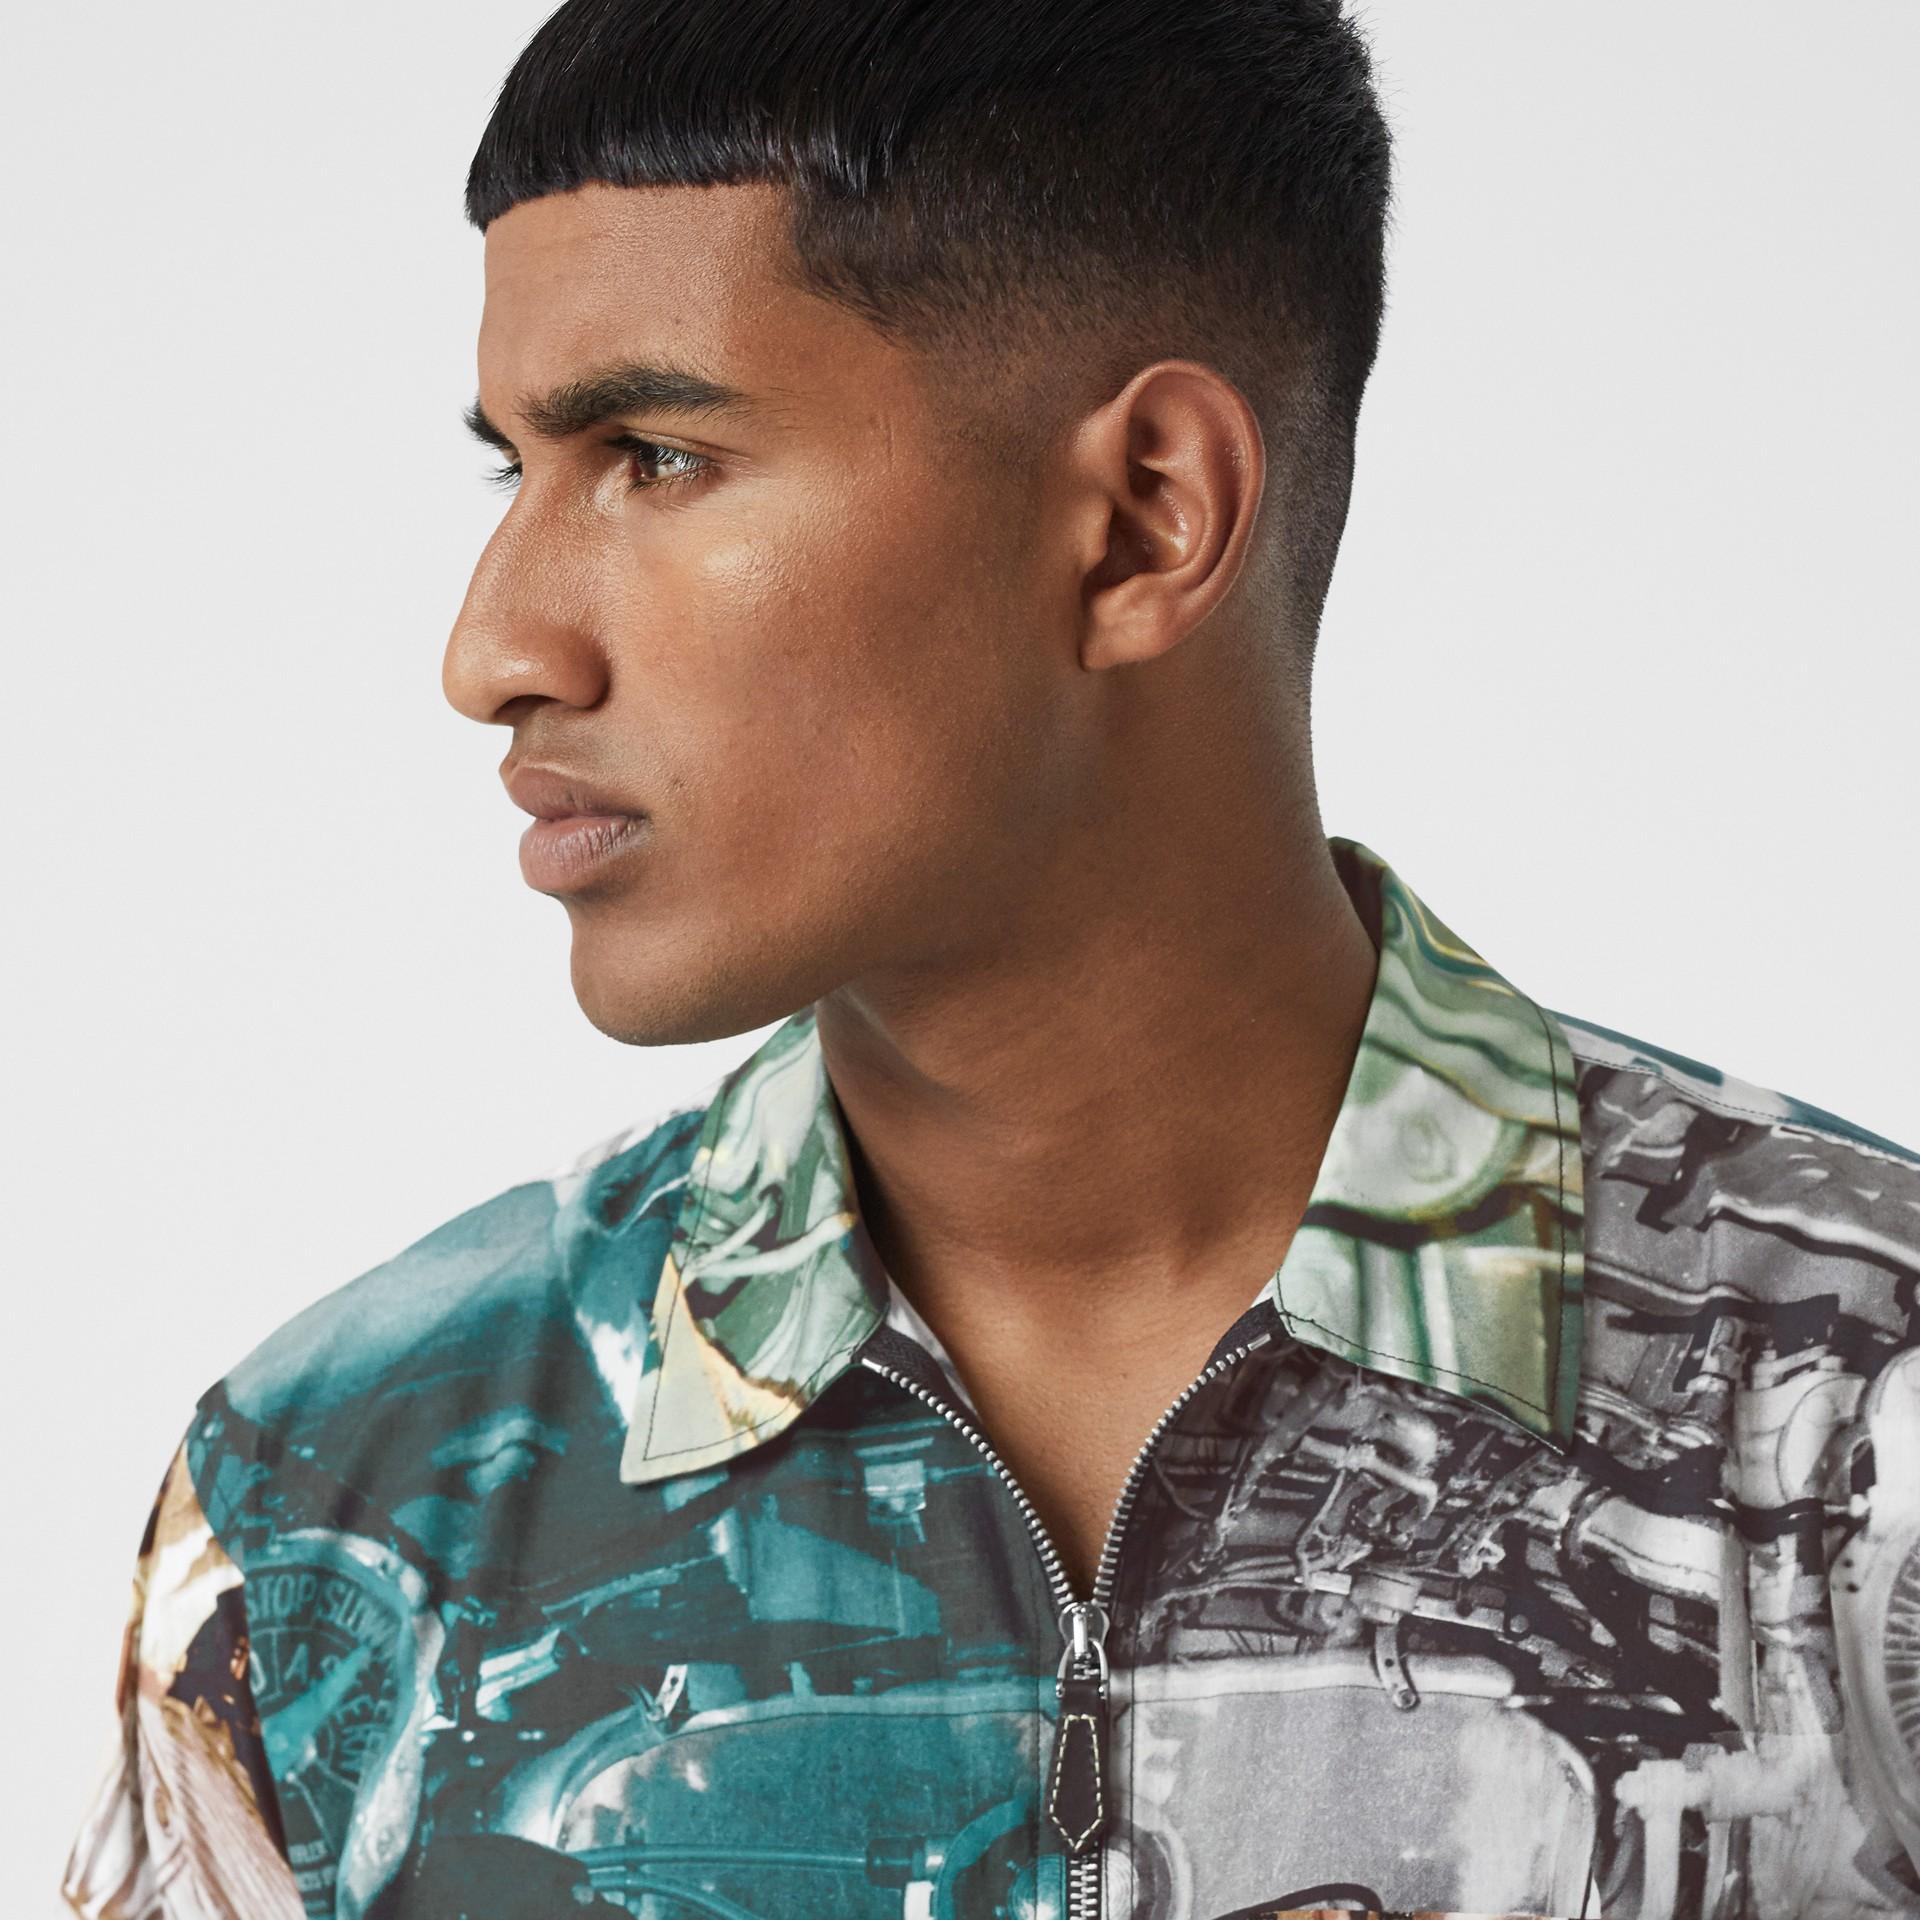 ショートスリーブ サブマリンプリント コットンシャツ (マルチカラー) - メンズ | バーバリー - ギャラリーイメージ 5